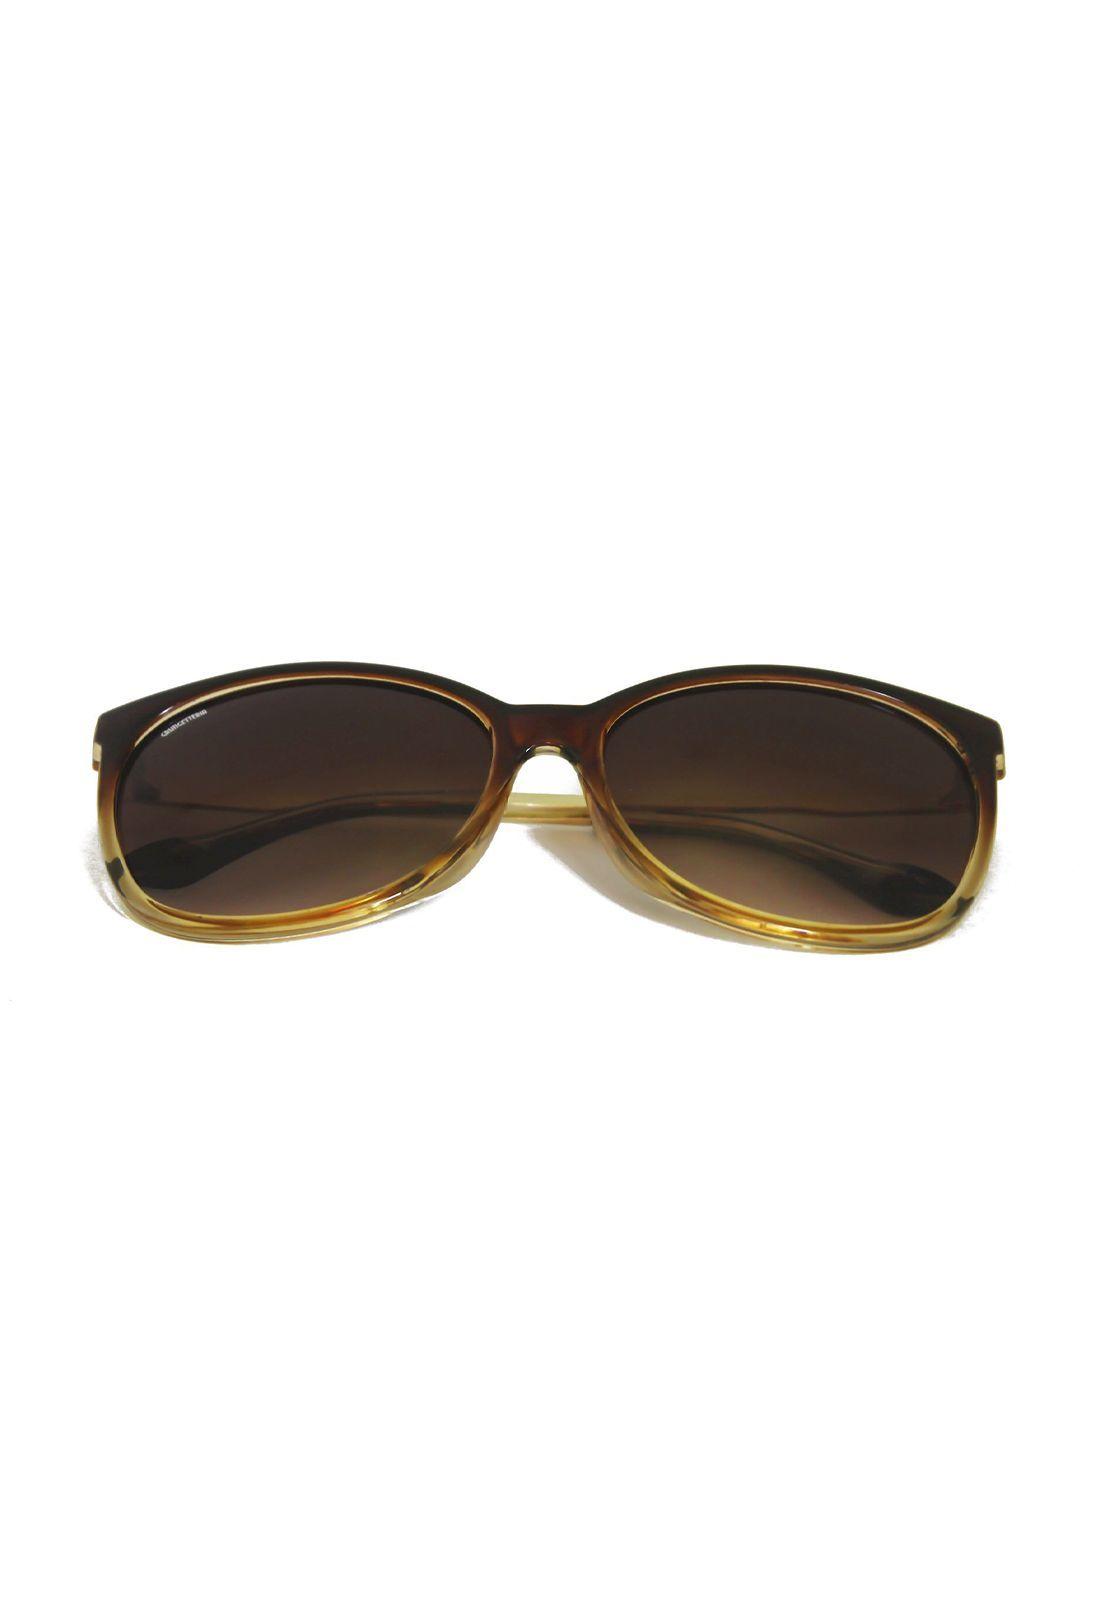 Óculos de Sol Grungetteria Beetle Marrom